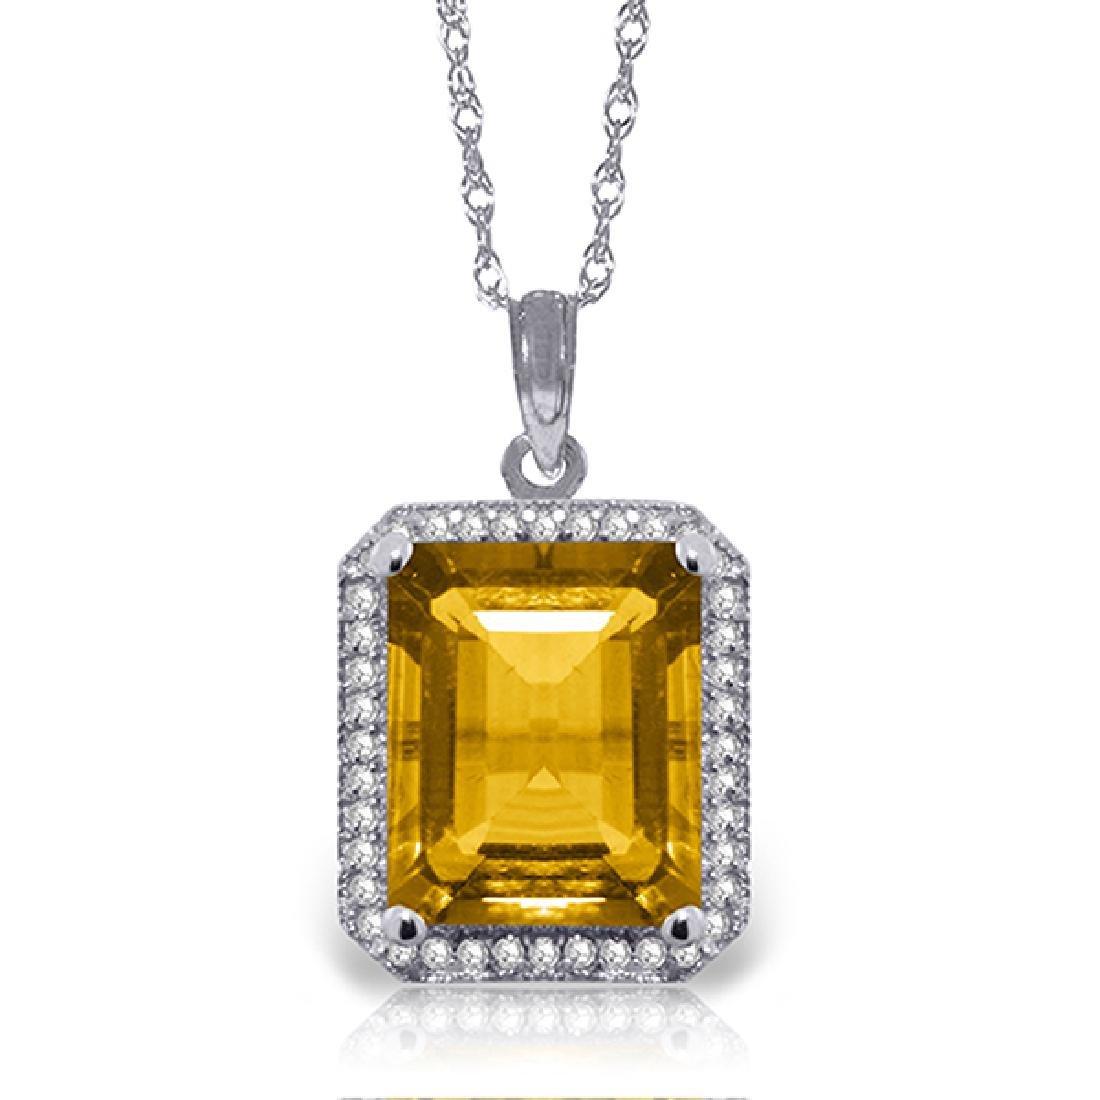 Genuine 5.4 ctw Citrine & Diamond Necklace Jewelry 14KT